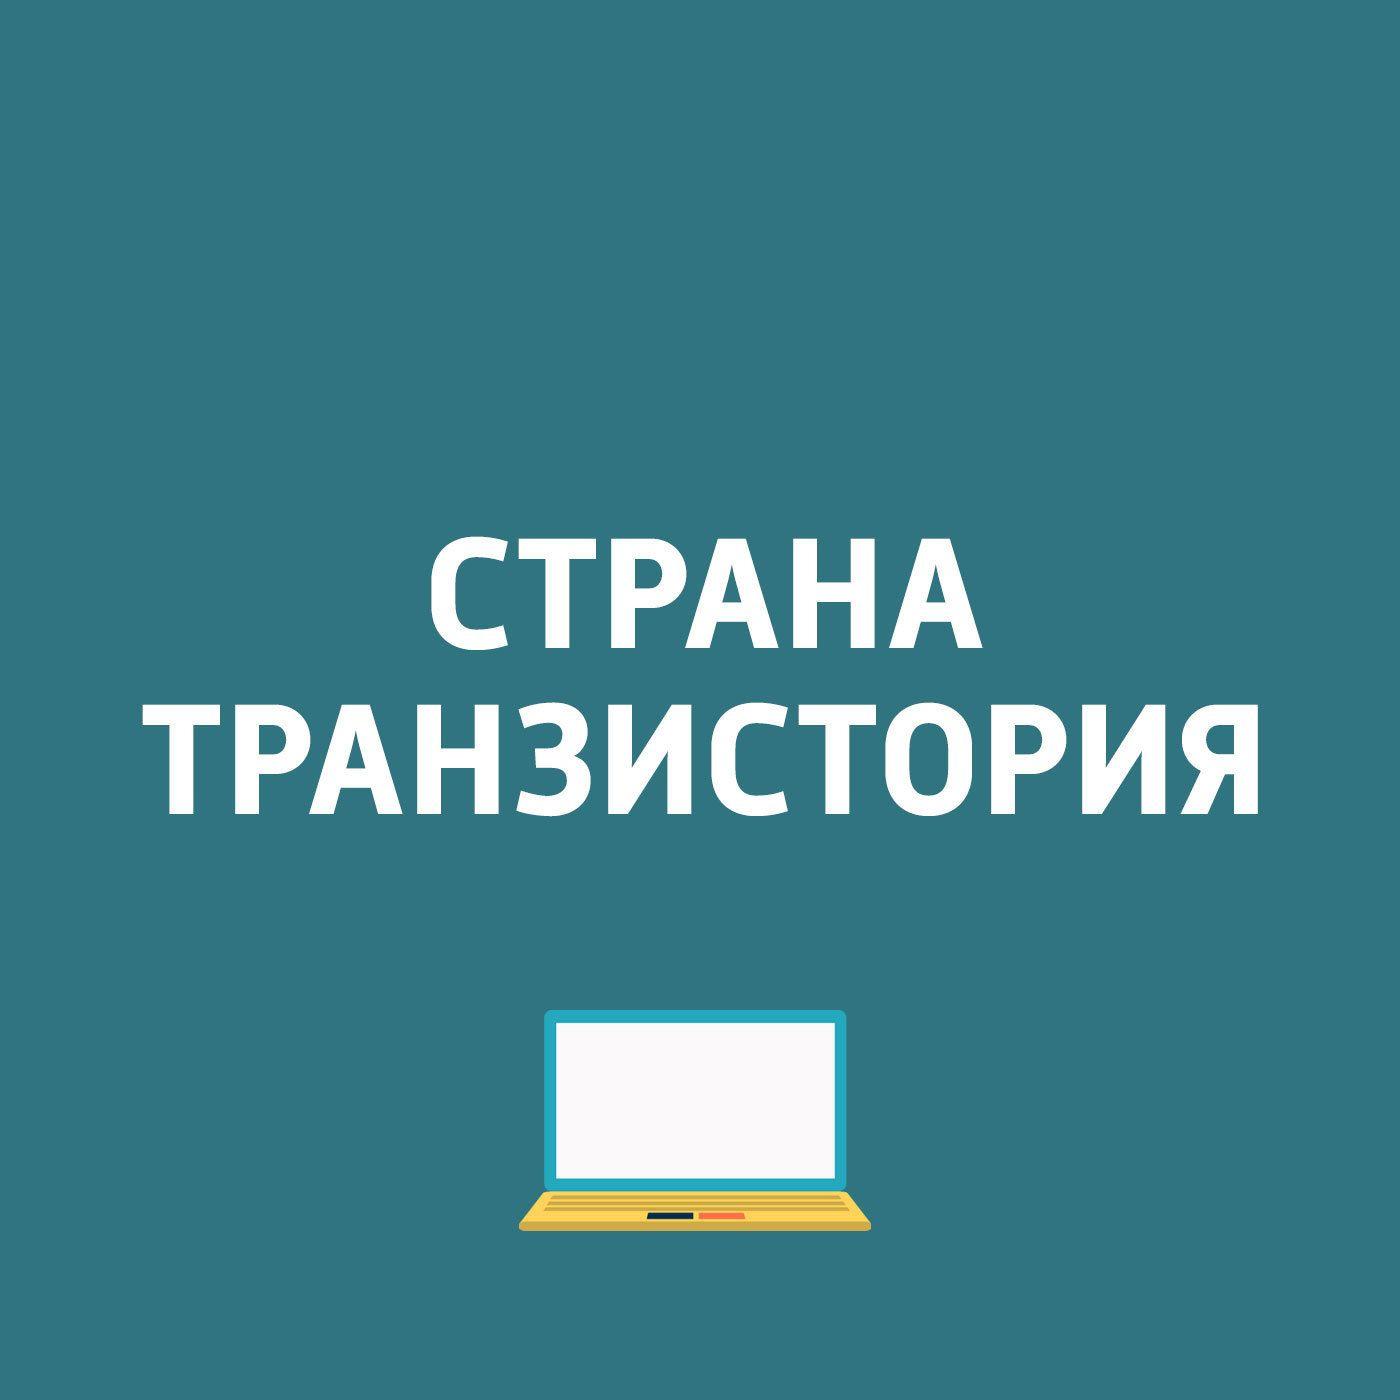 Фото - Картаев Павел YouTube объявил об изменении политики размещения контента картаев павел выставка ifa 2018 каких новинок ждать